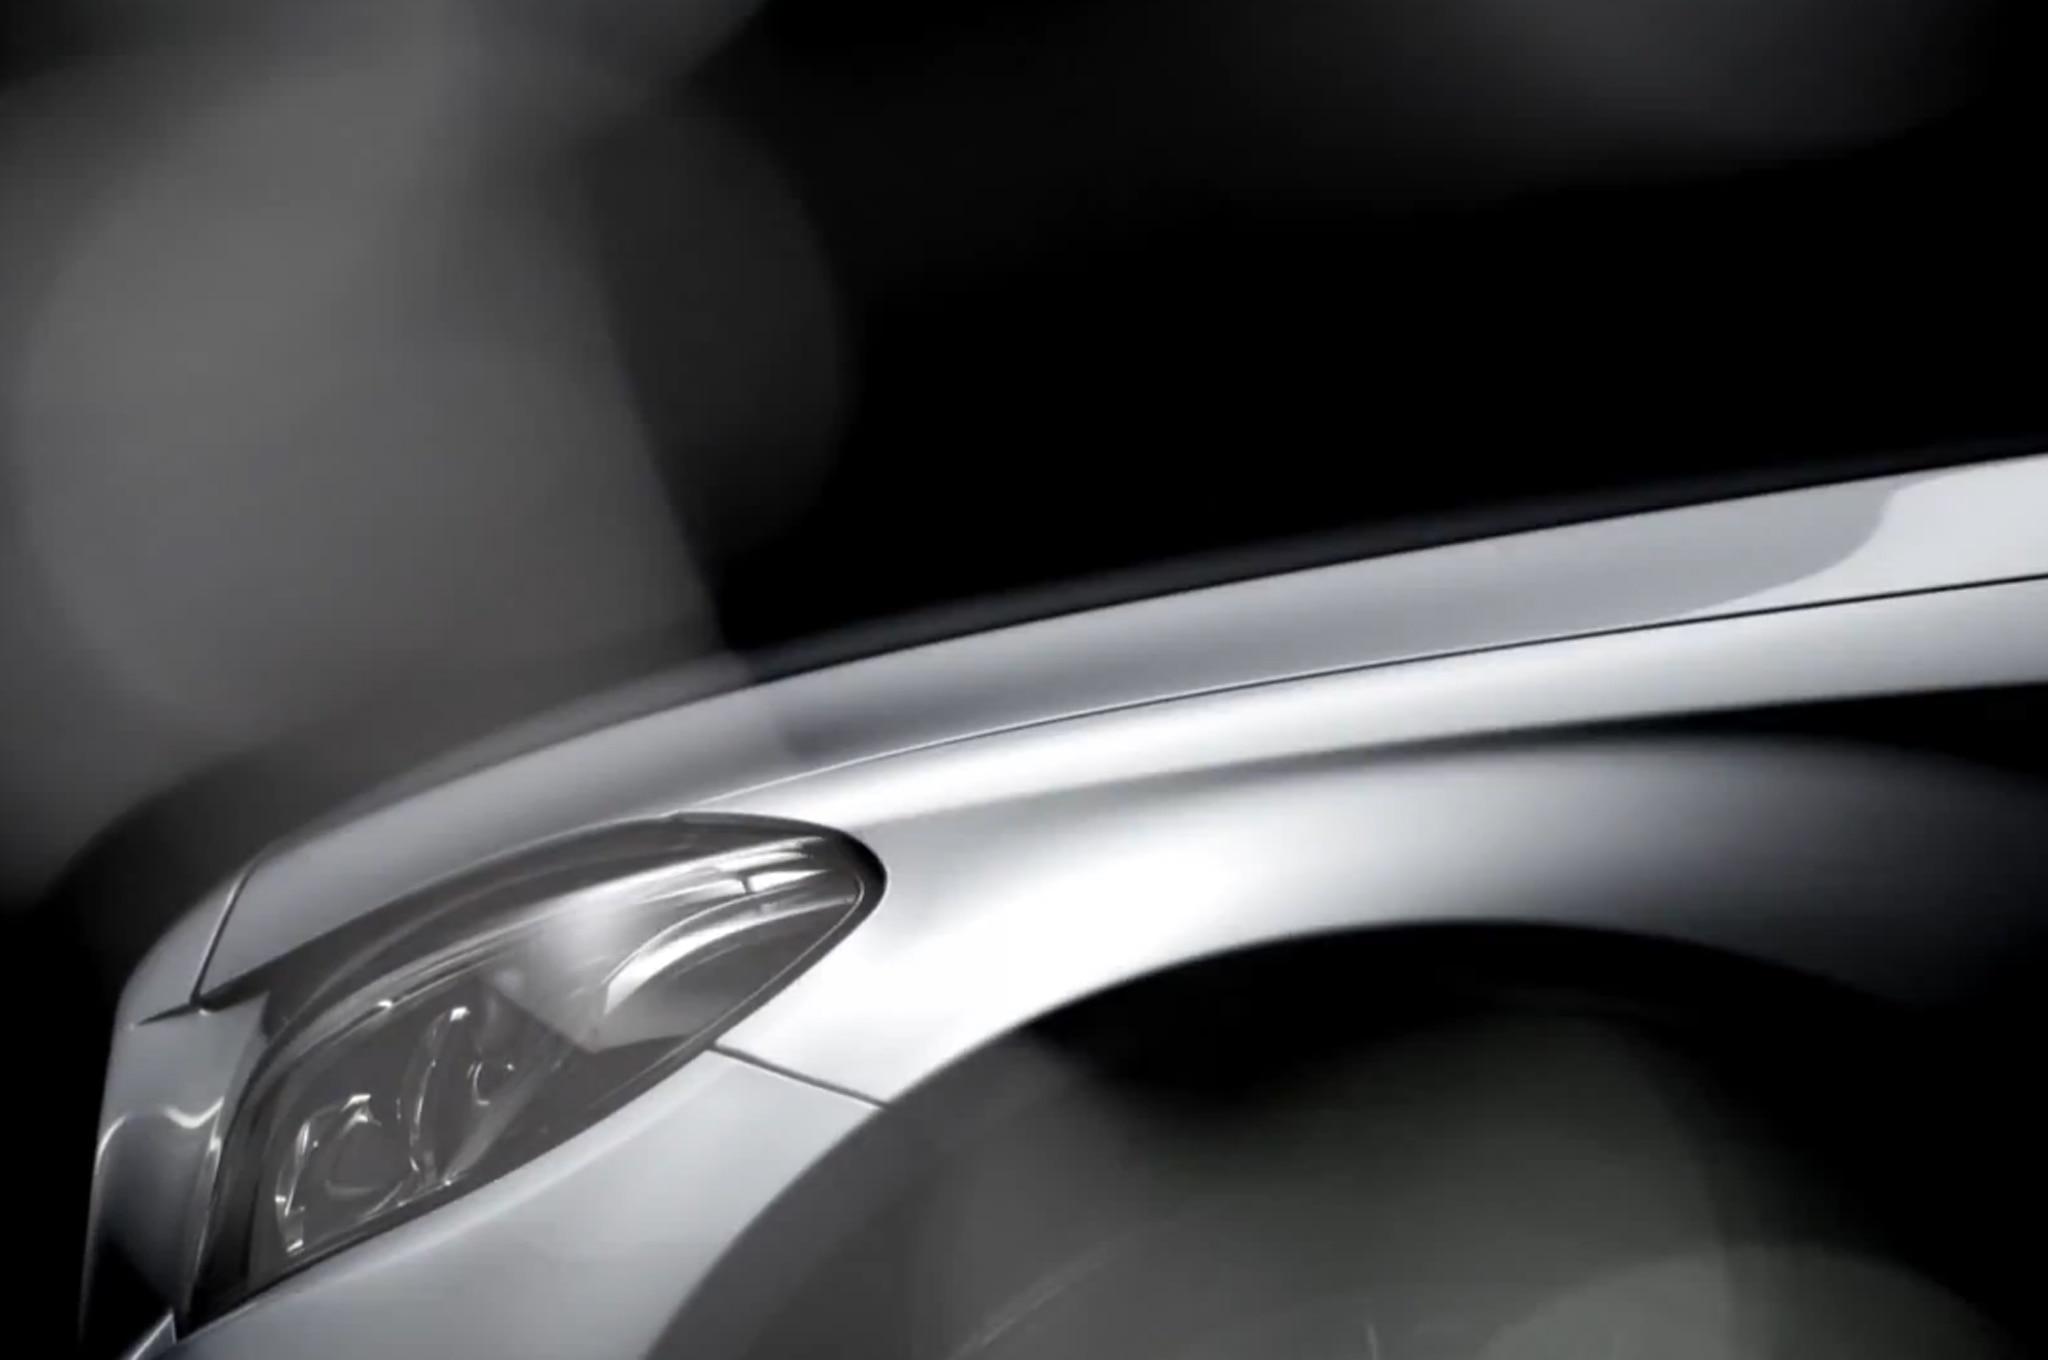 2015 Mercedes Benz C Class Teaser Front End1